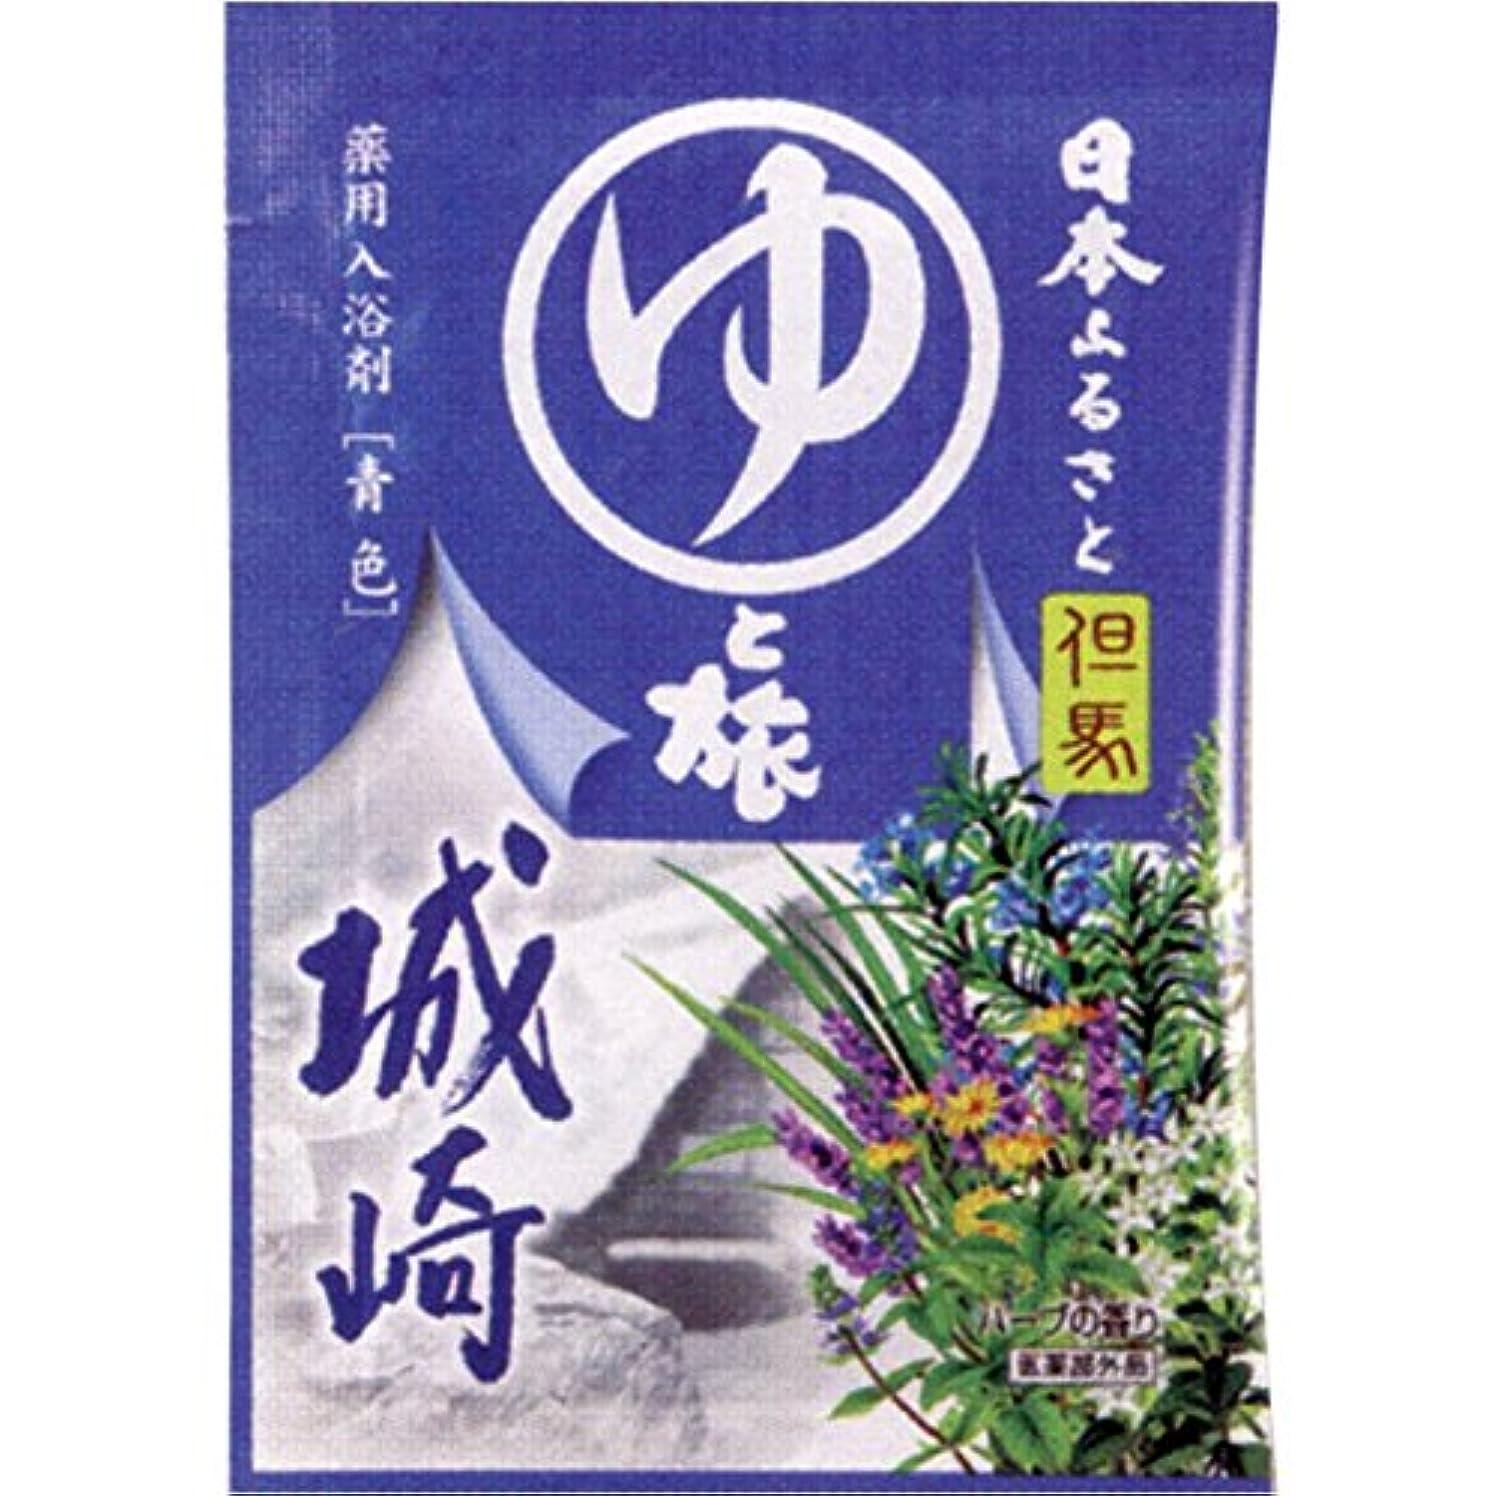 ニッケルとまり木小さなヤマサキの入浴剤シリーズ 城崎(入浴剤)